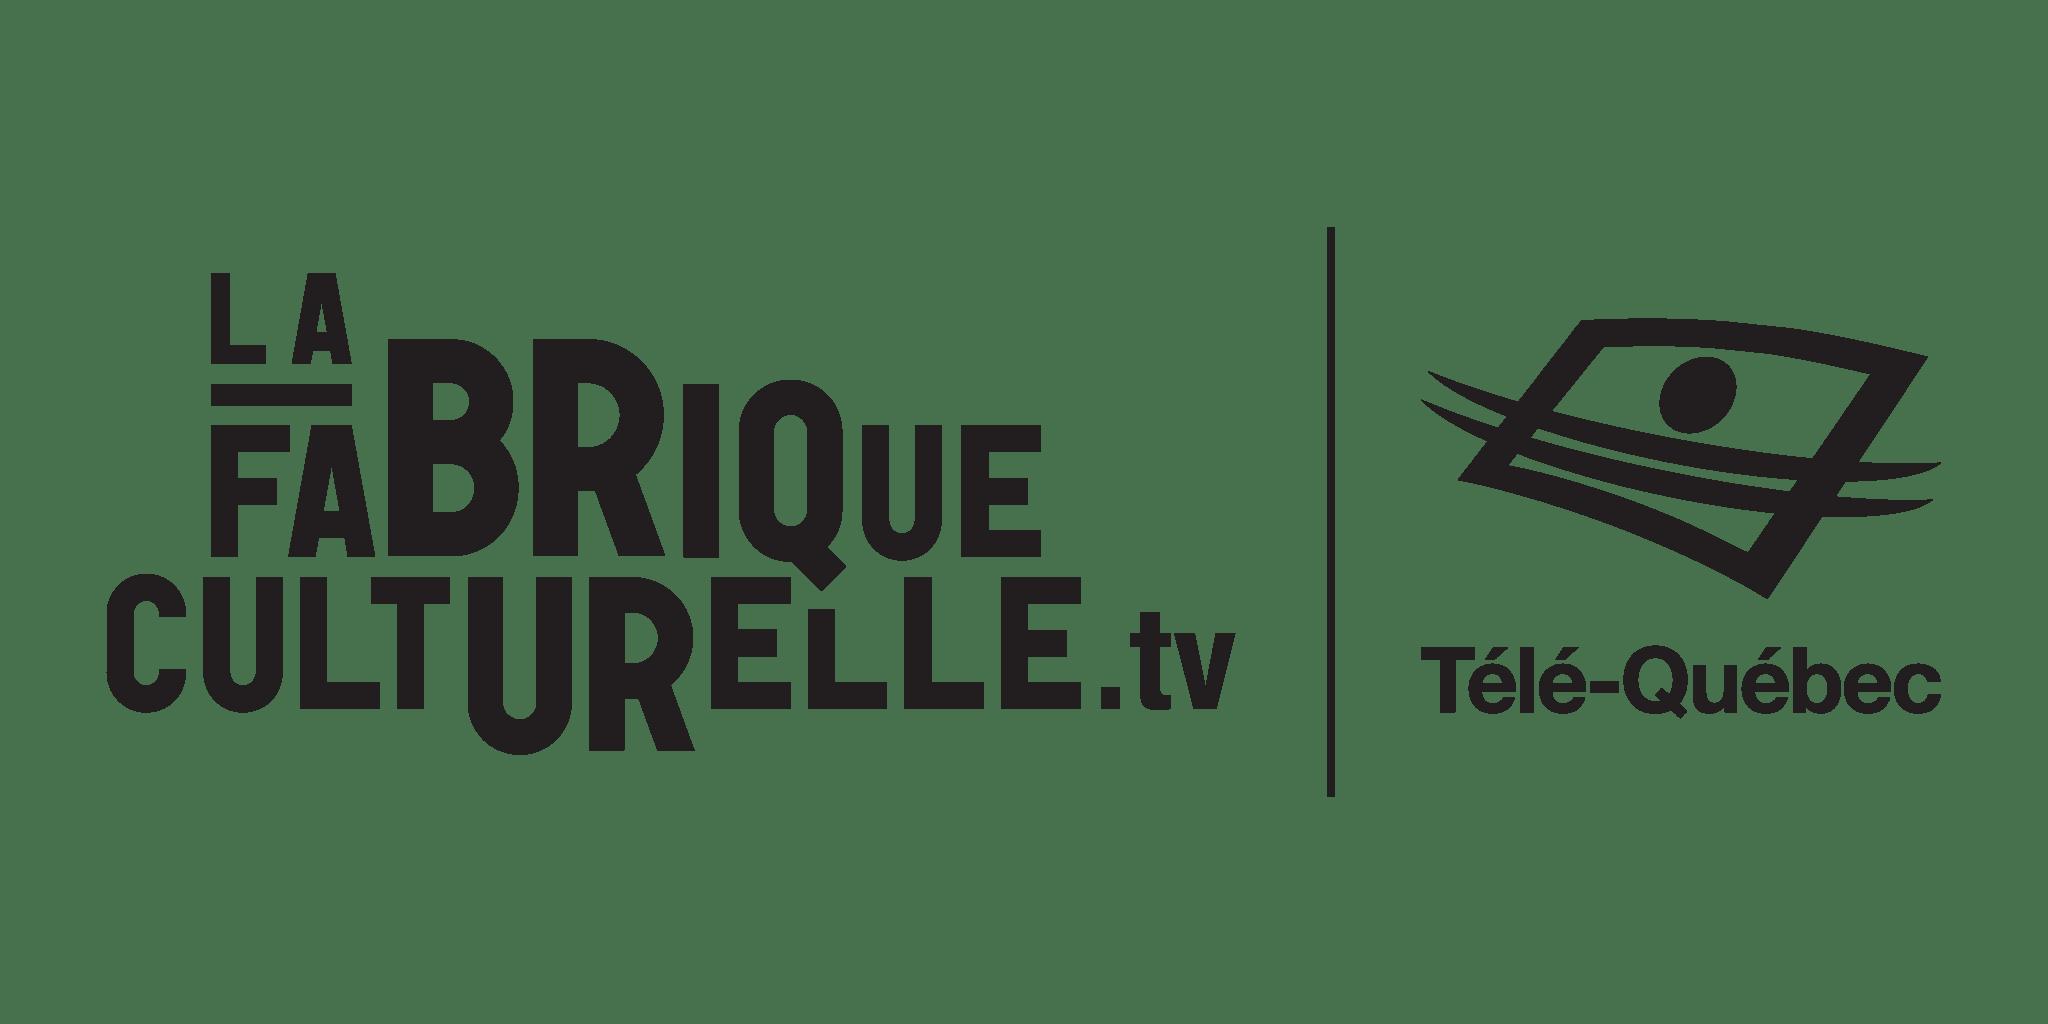 Télé-Québec / La Fabrique culturelle